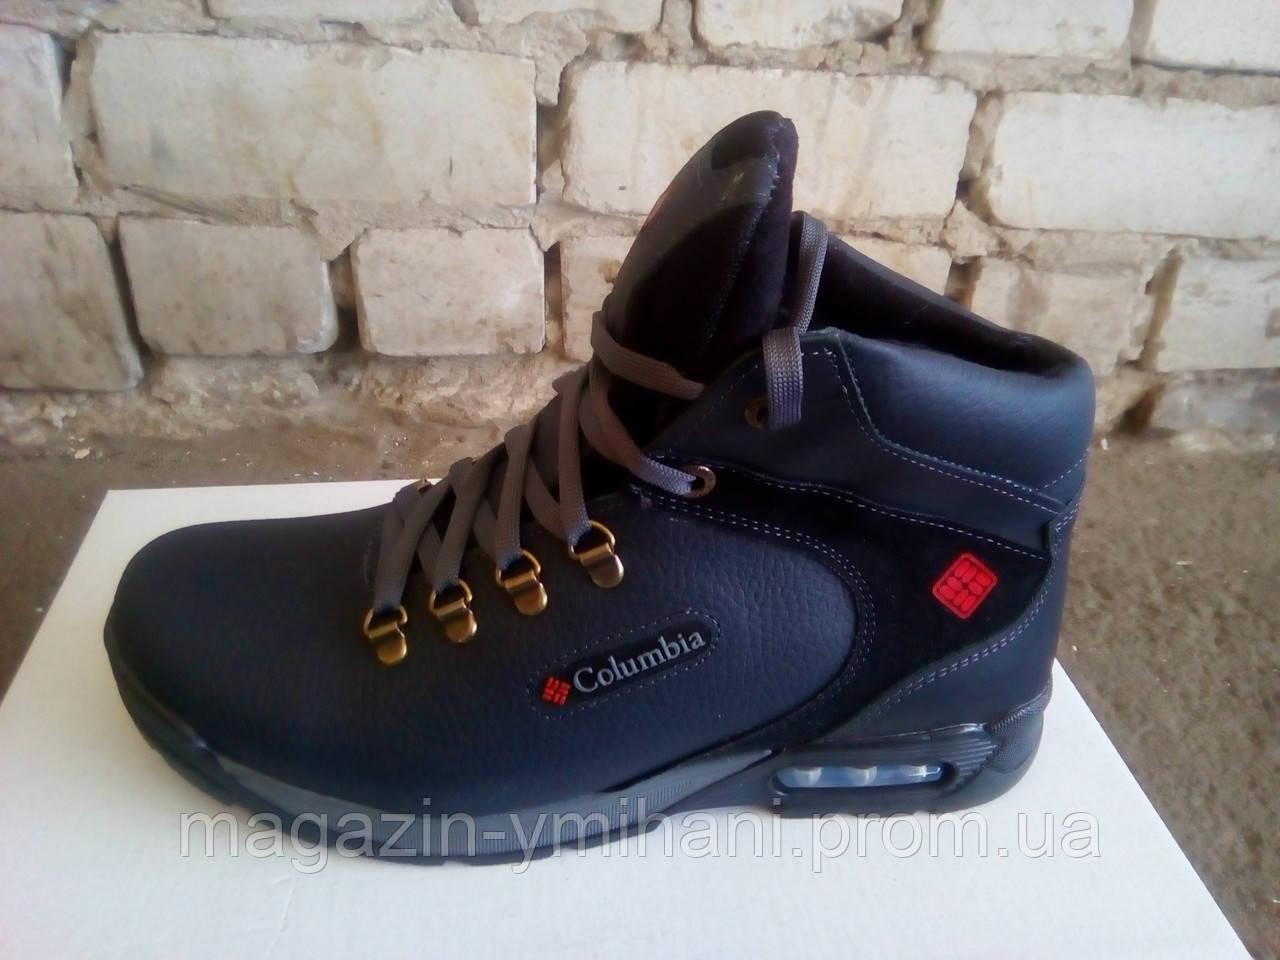 Мужские зимние ботинки Columbia синие из натуральной кожи.  продажа ... d1da32b8f2e